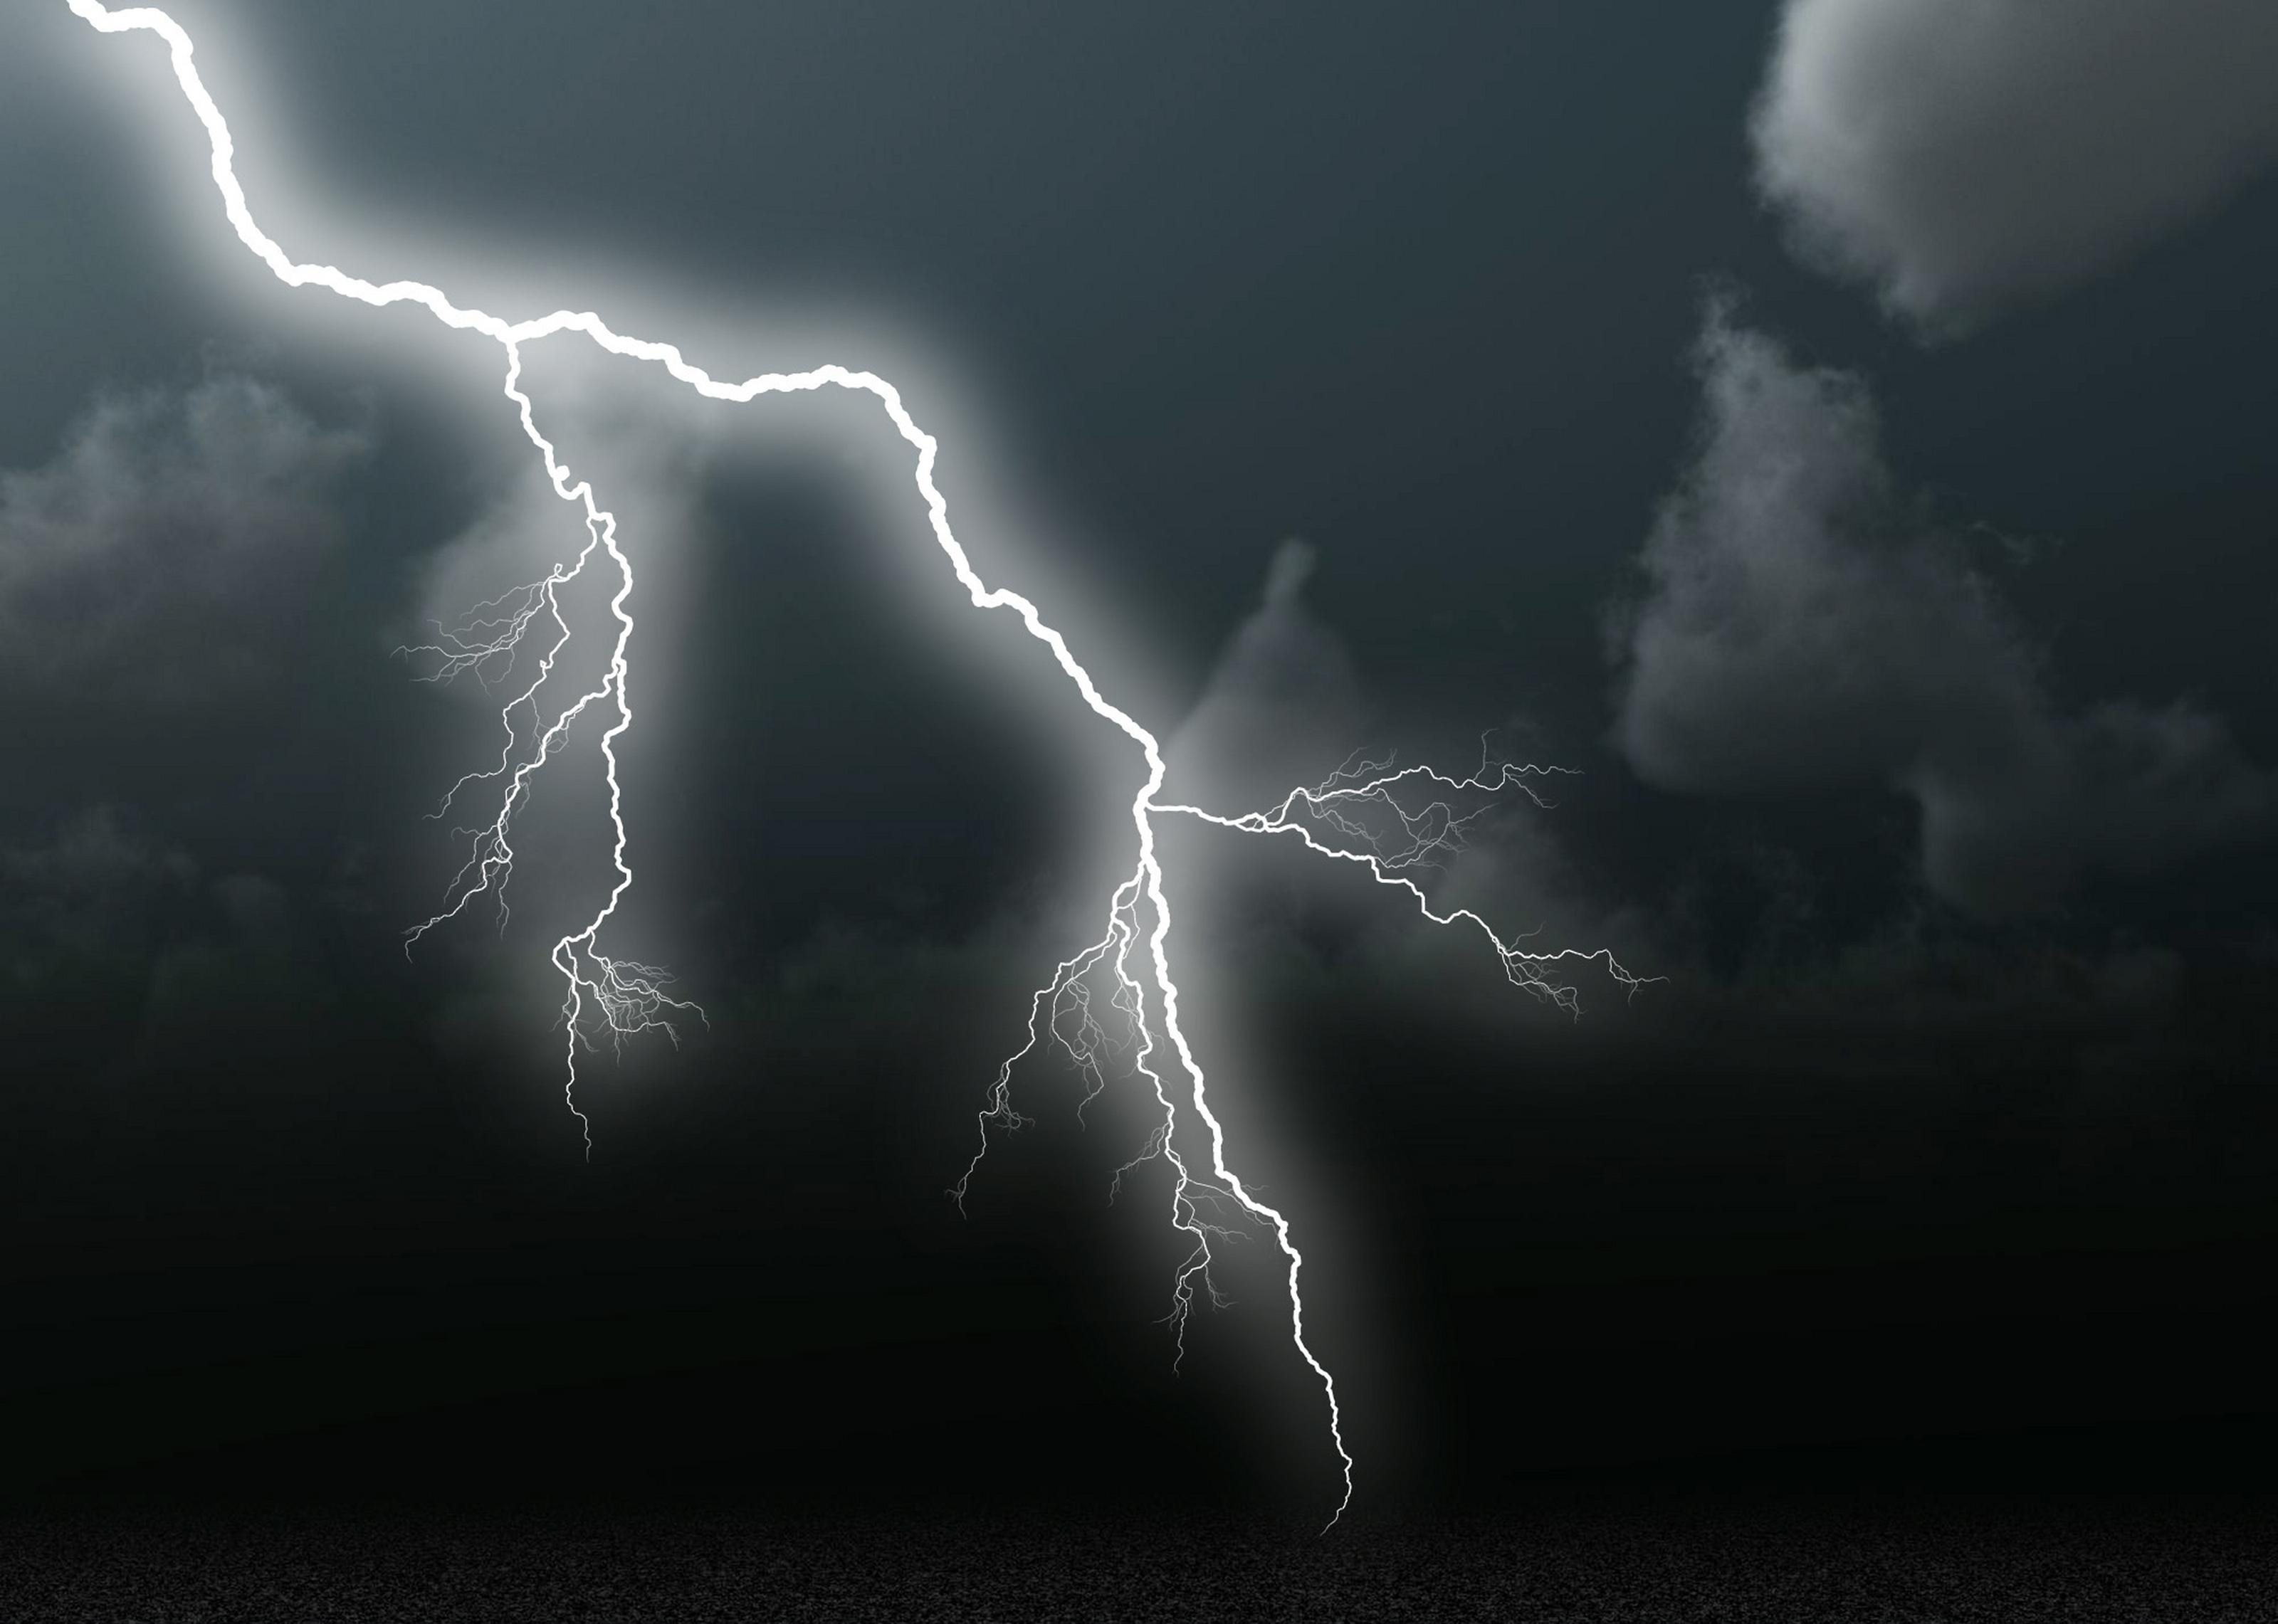 رعد و برق آسمان تیره